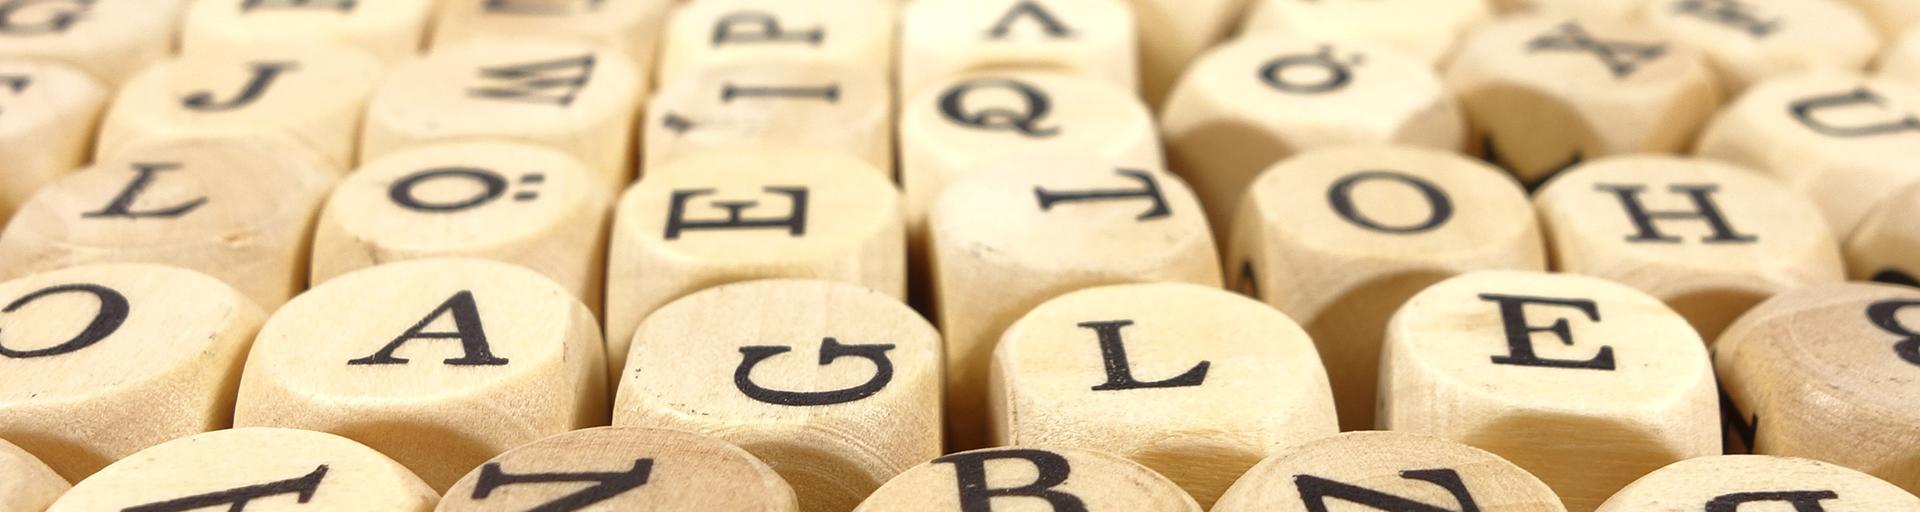 abc-alphabet-aspiration-geschnitten